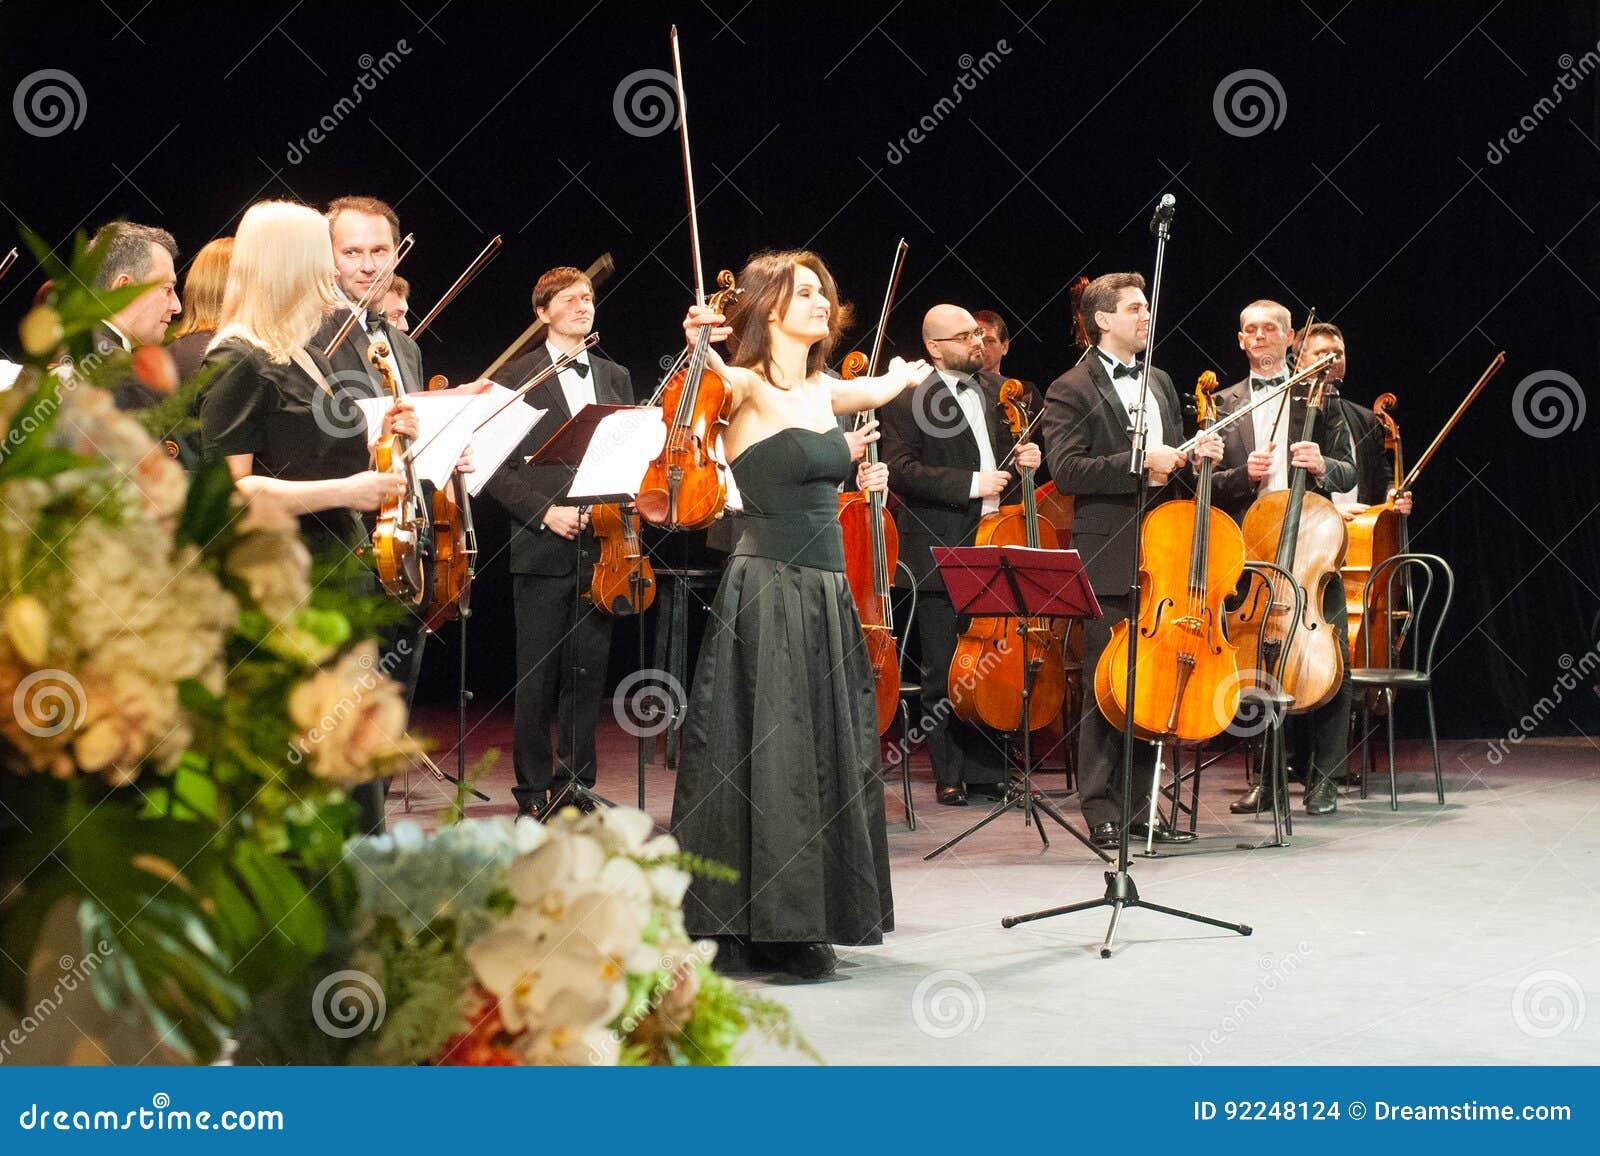 Symfoniemuziek, violisten bij overleg